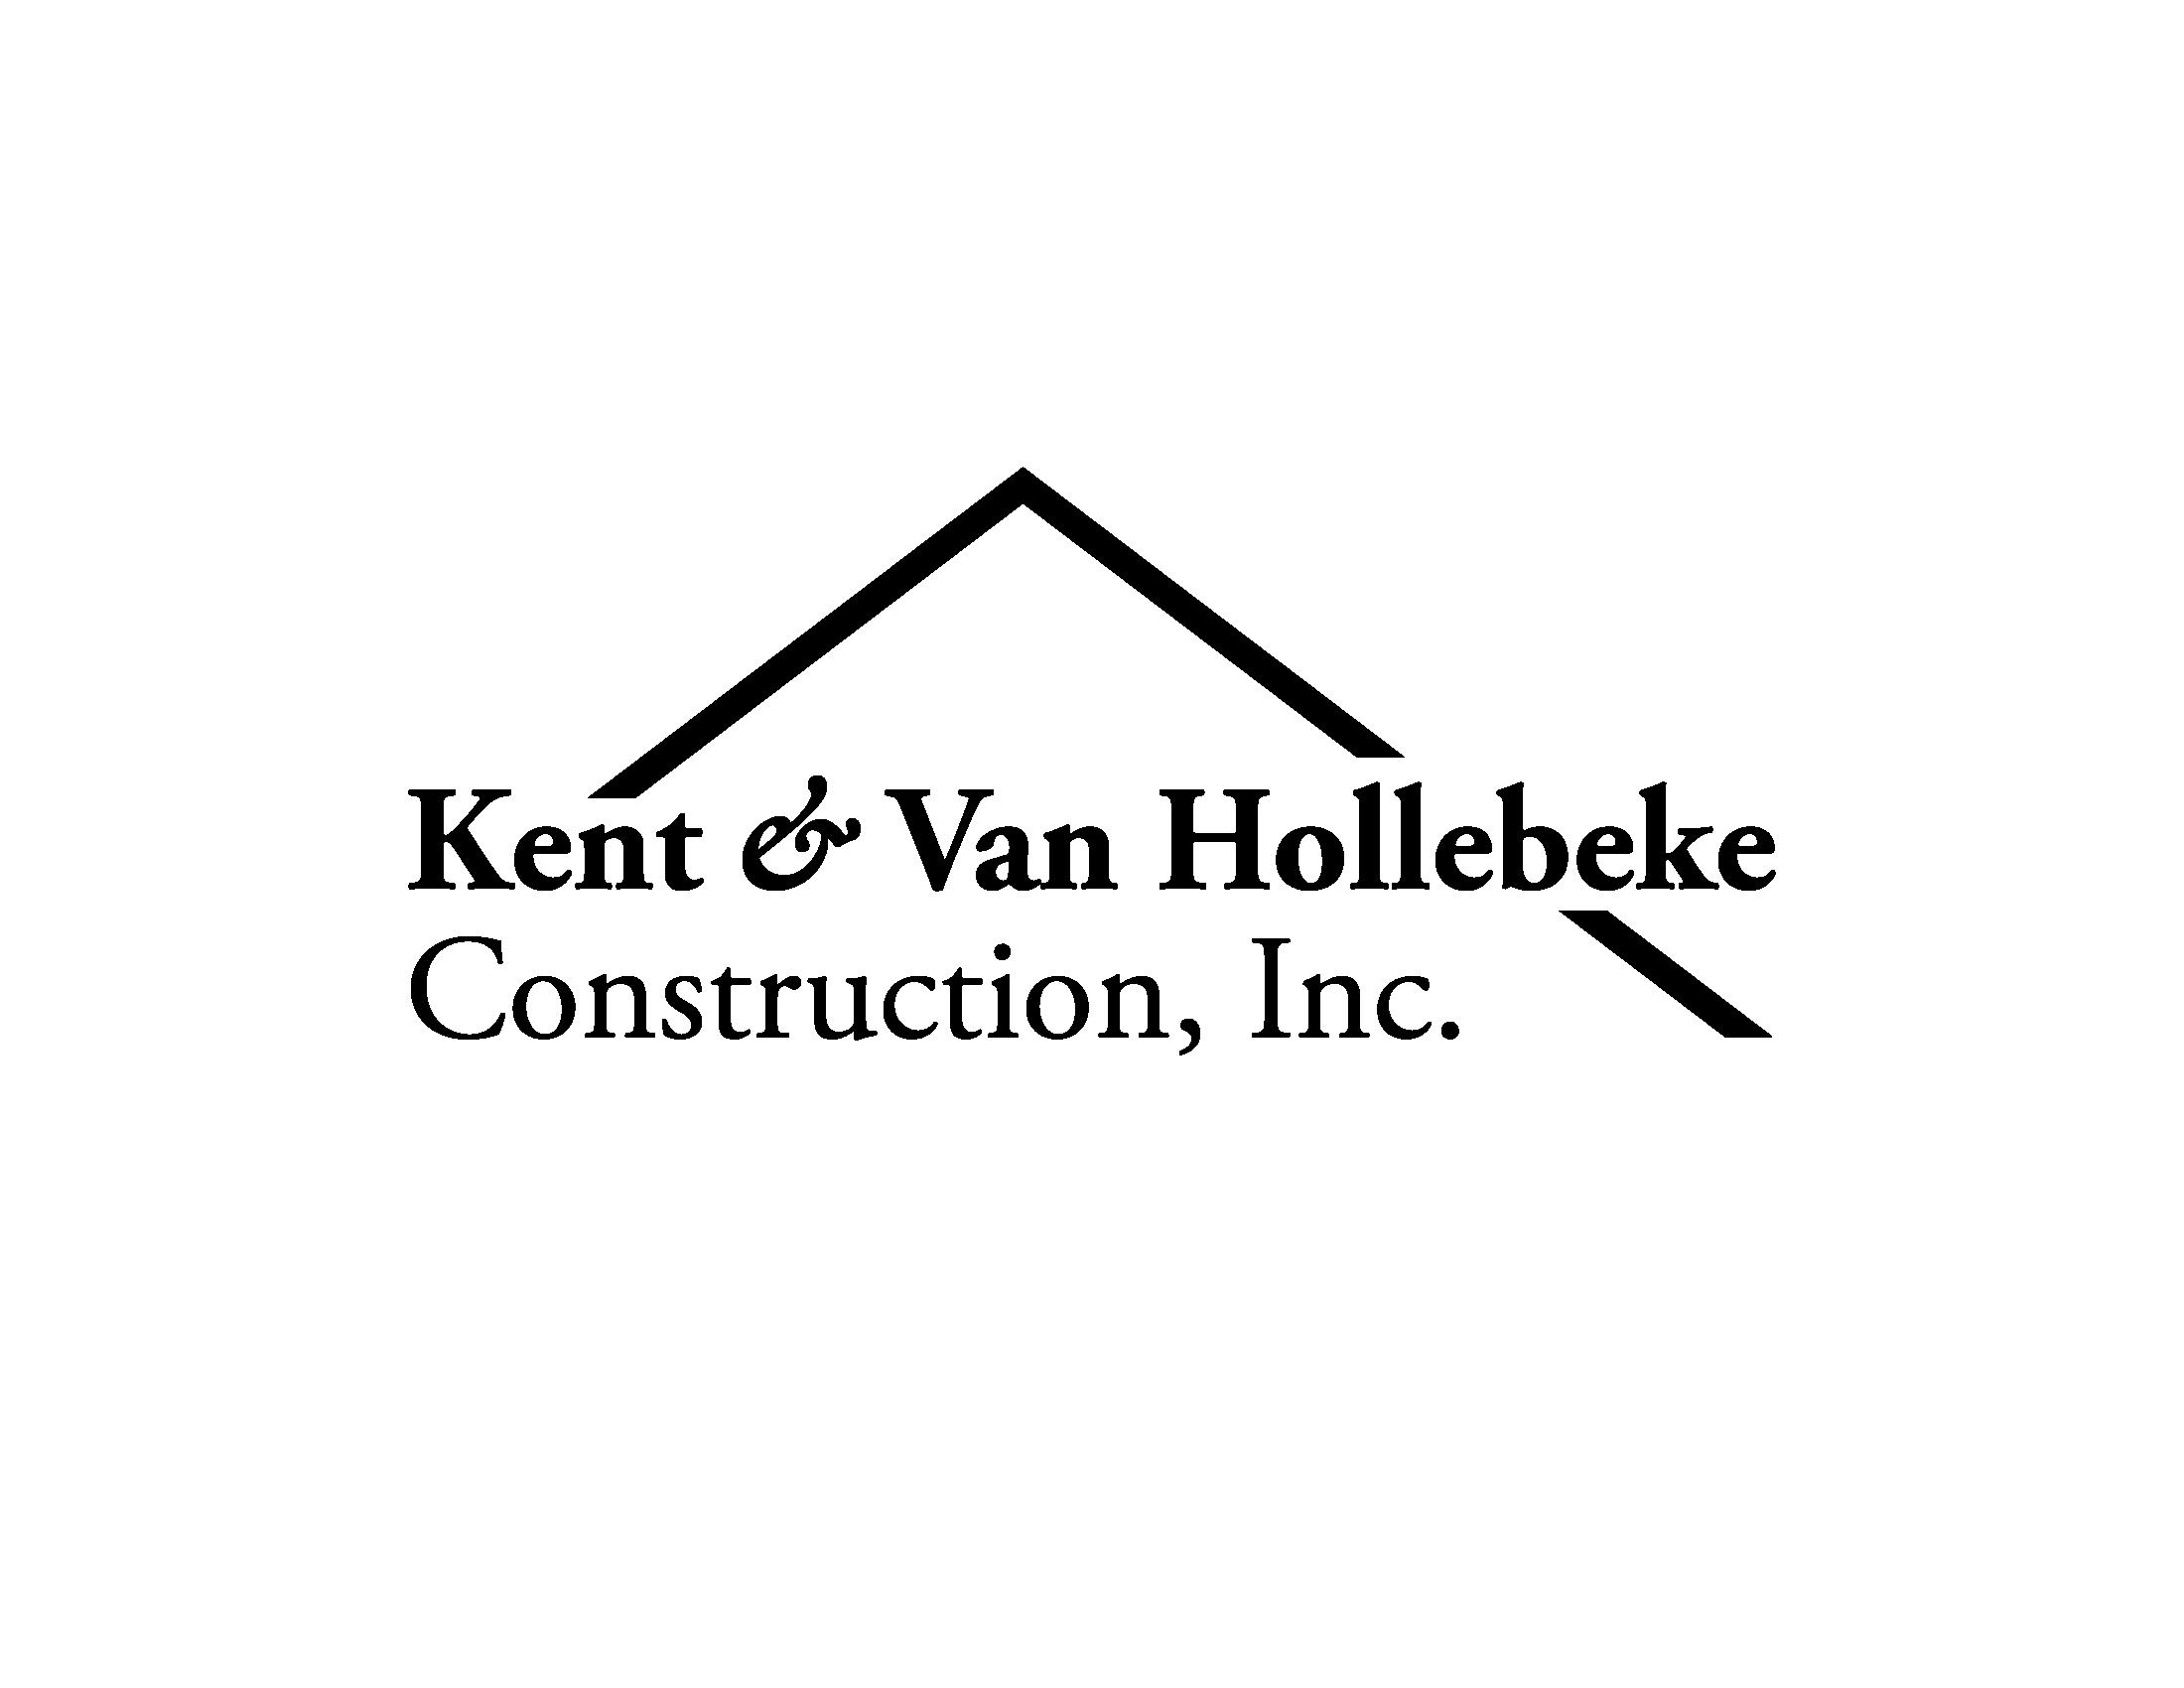 KVH Construction